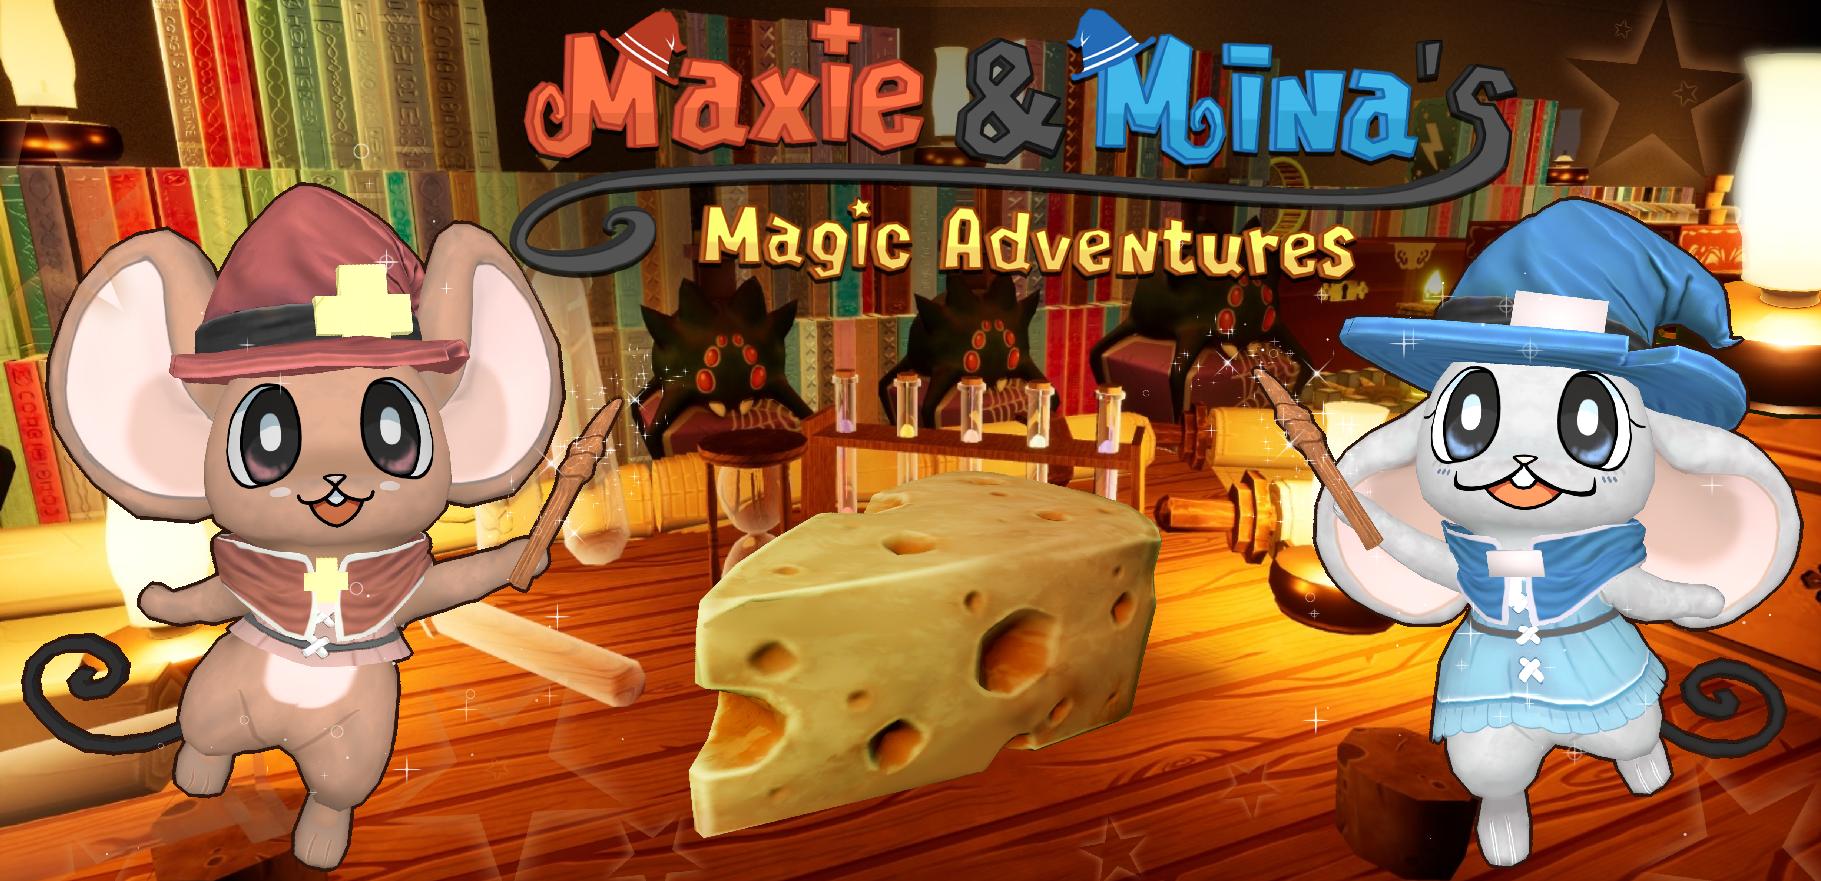 Maxie & Mina's Magic Adventures